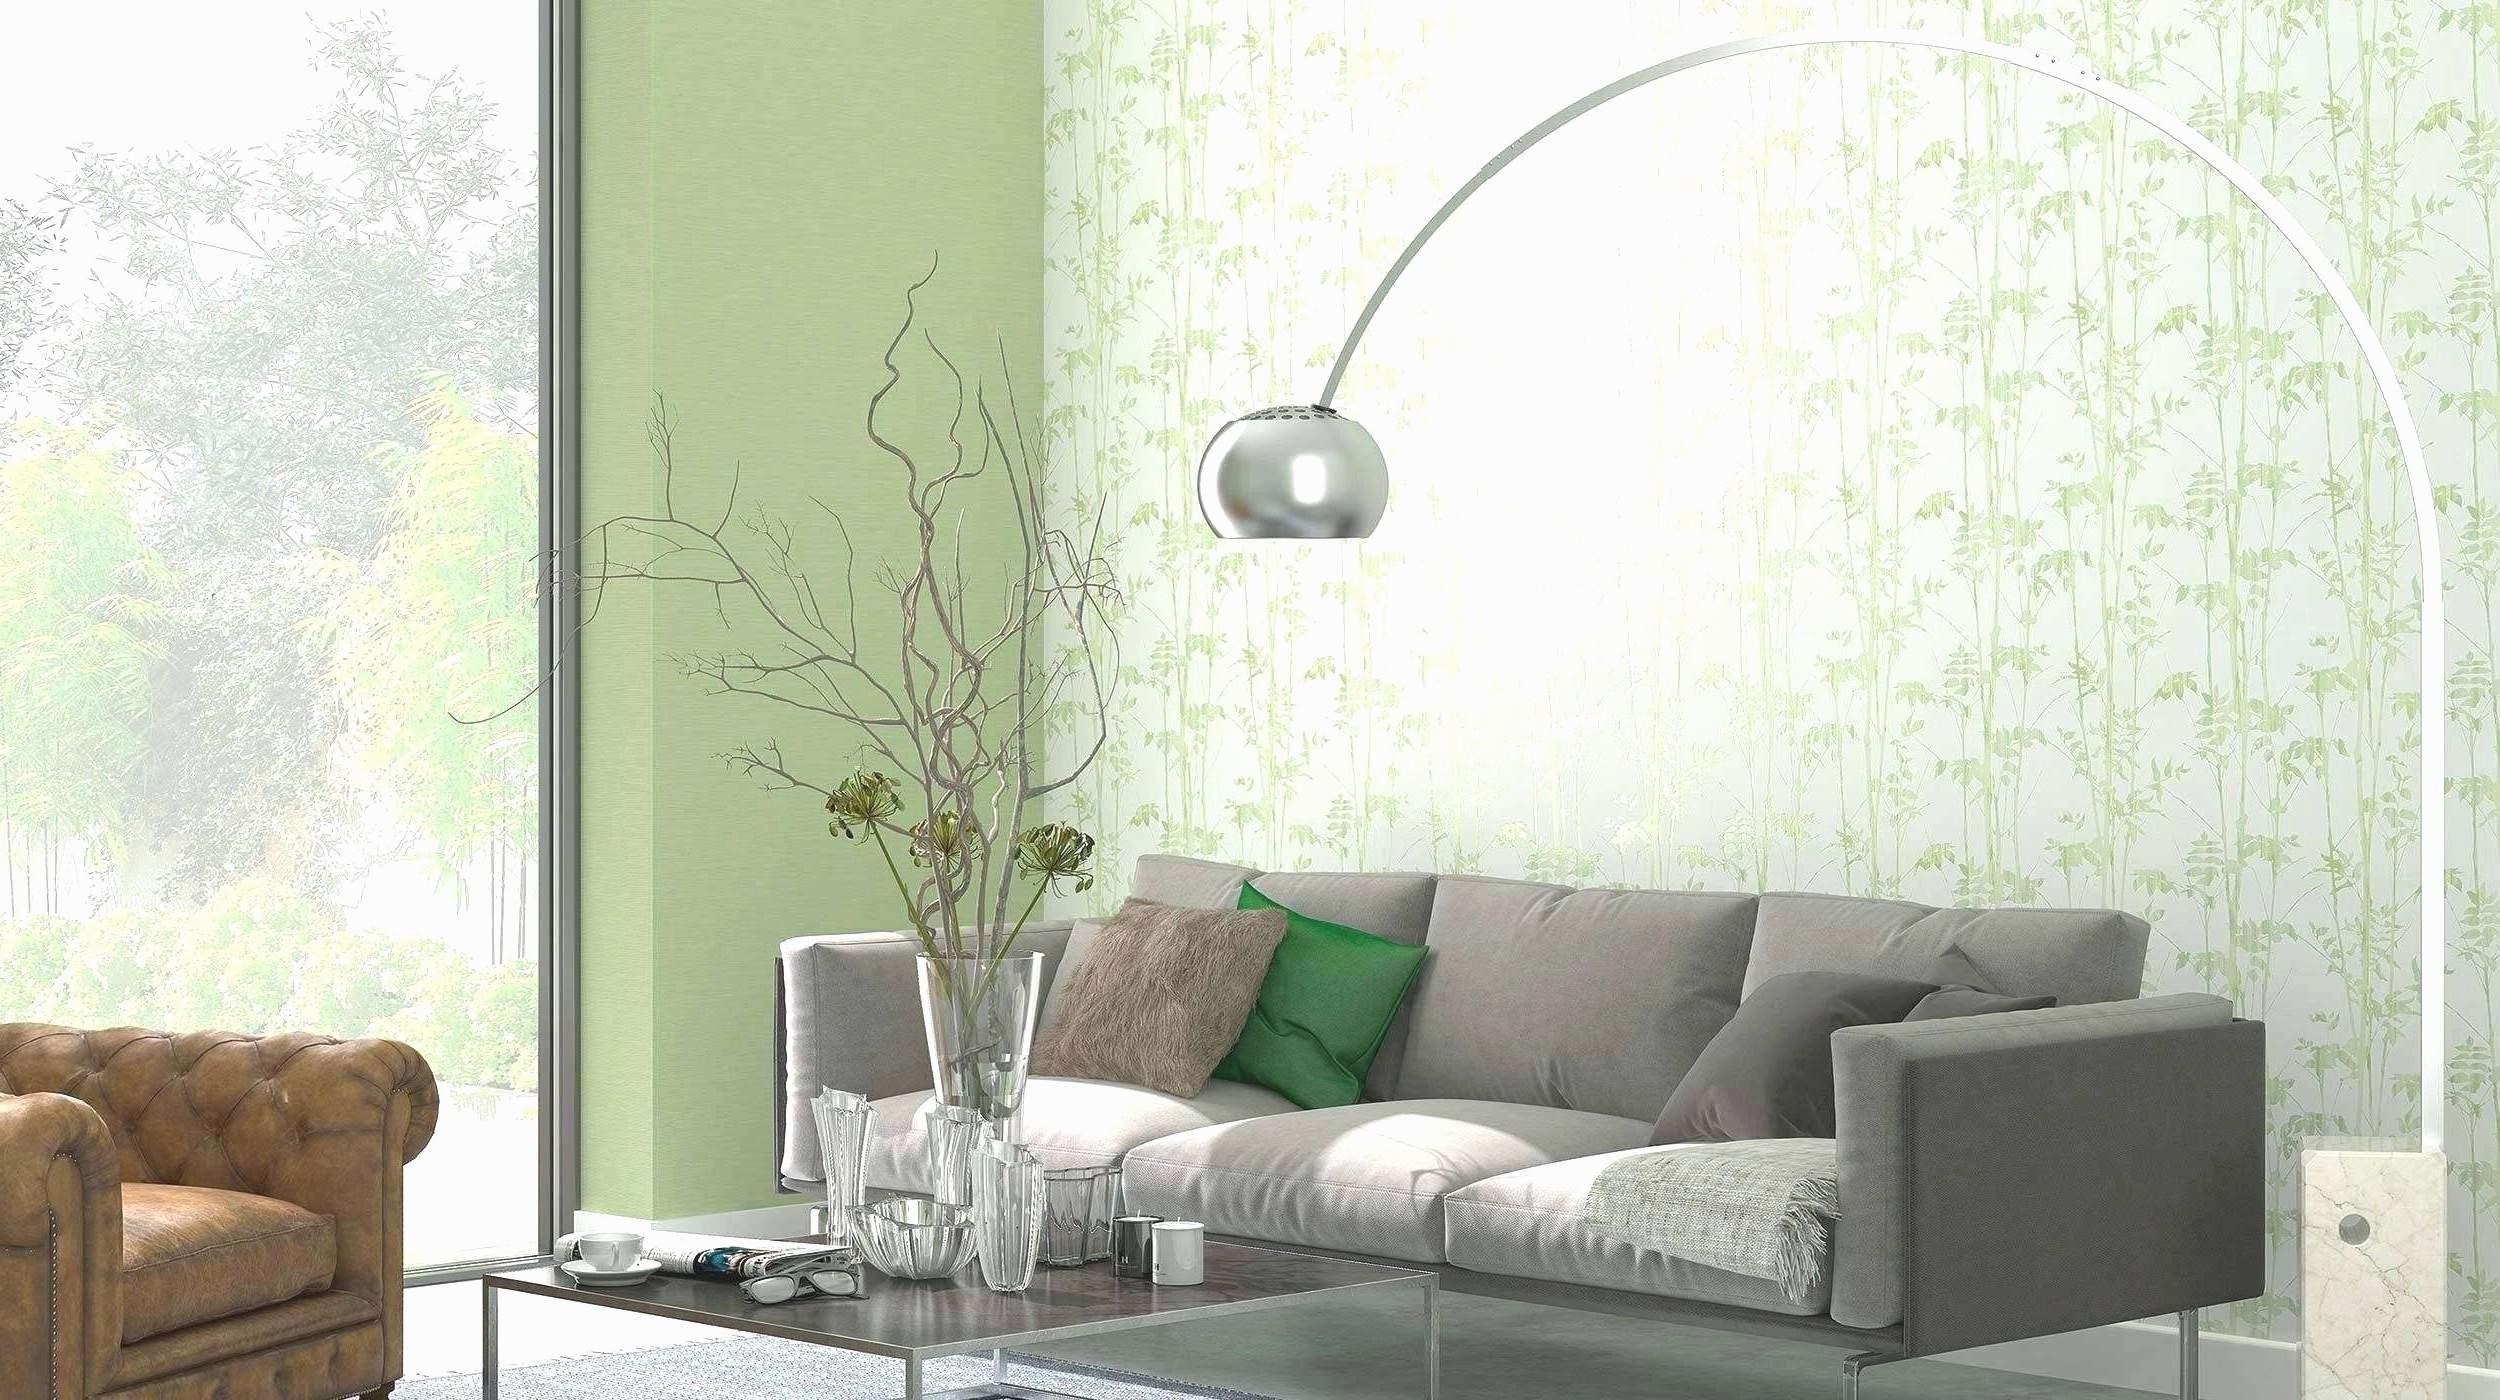 Wanddekoration Garten Elegant 30 Genial Wanddekoration Ideen Wohnzimmer Einzigartig